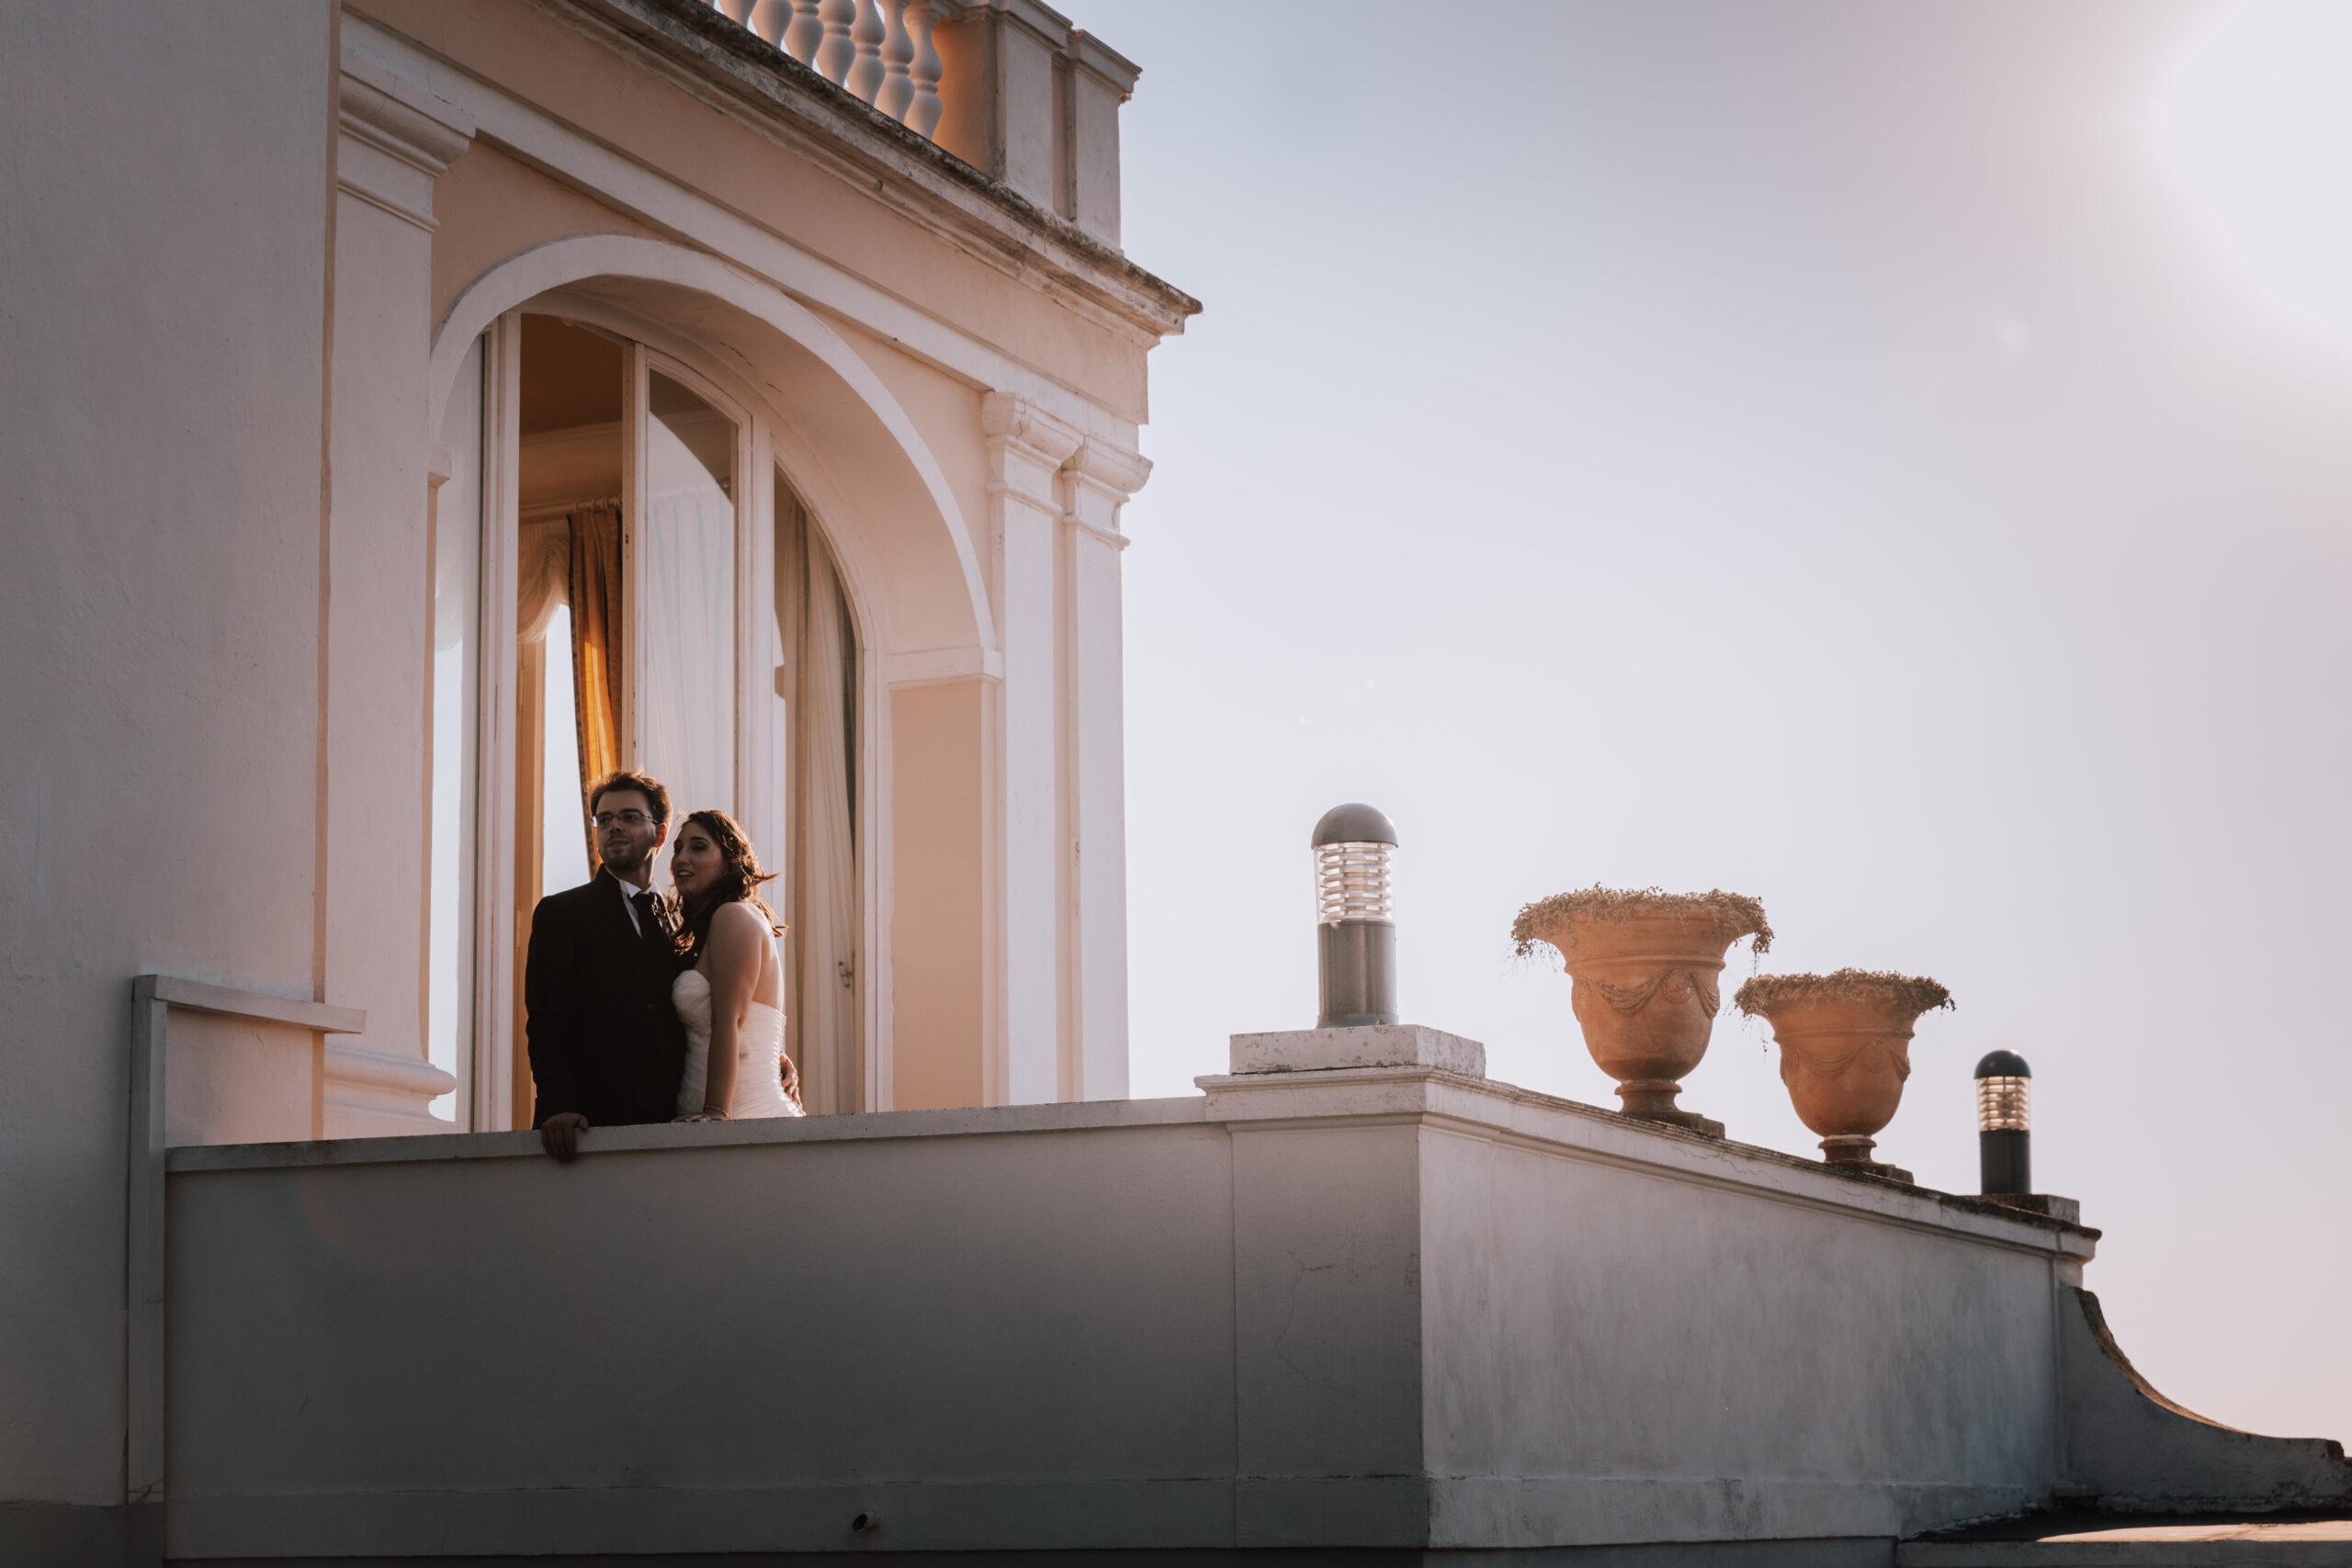 location villa da sogno matrimoniale